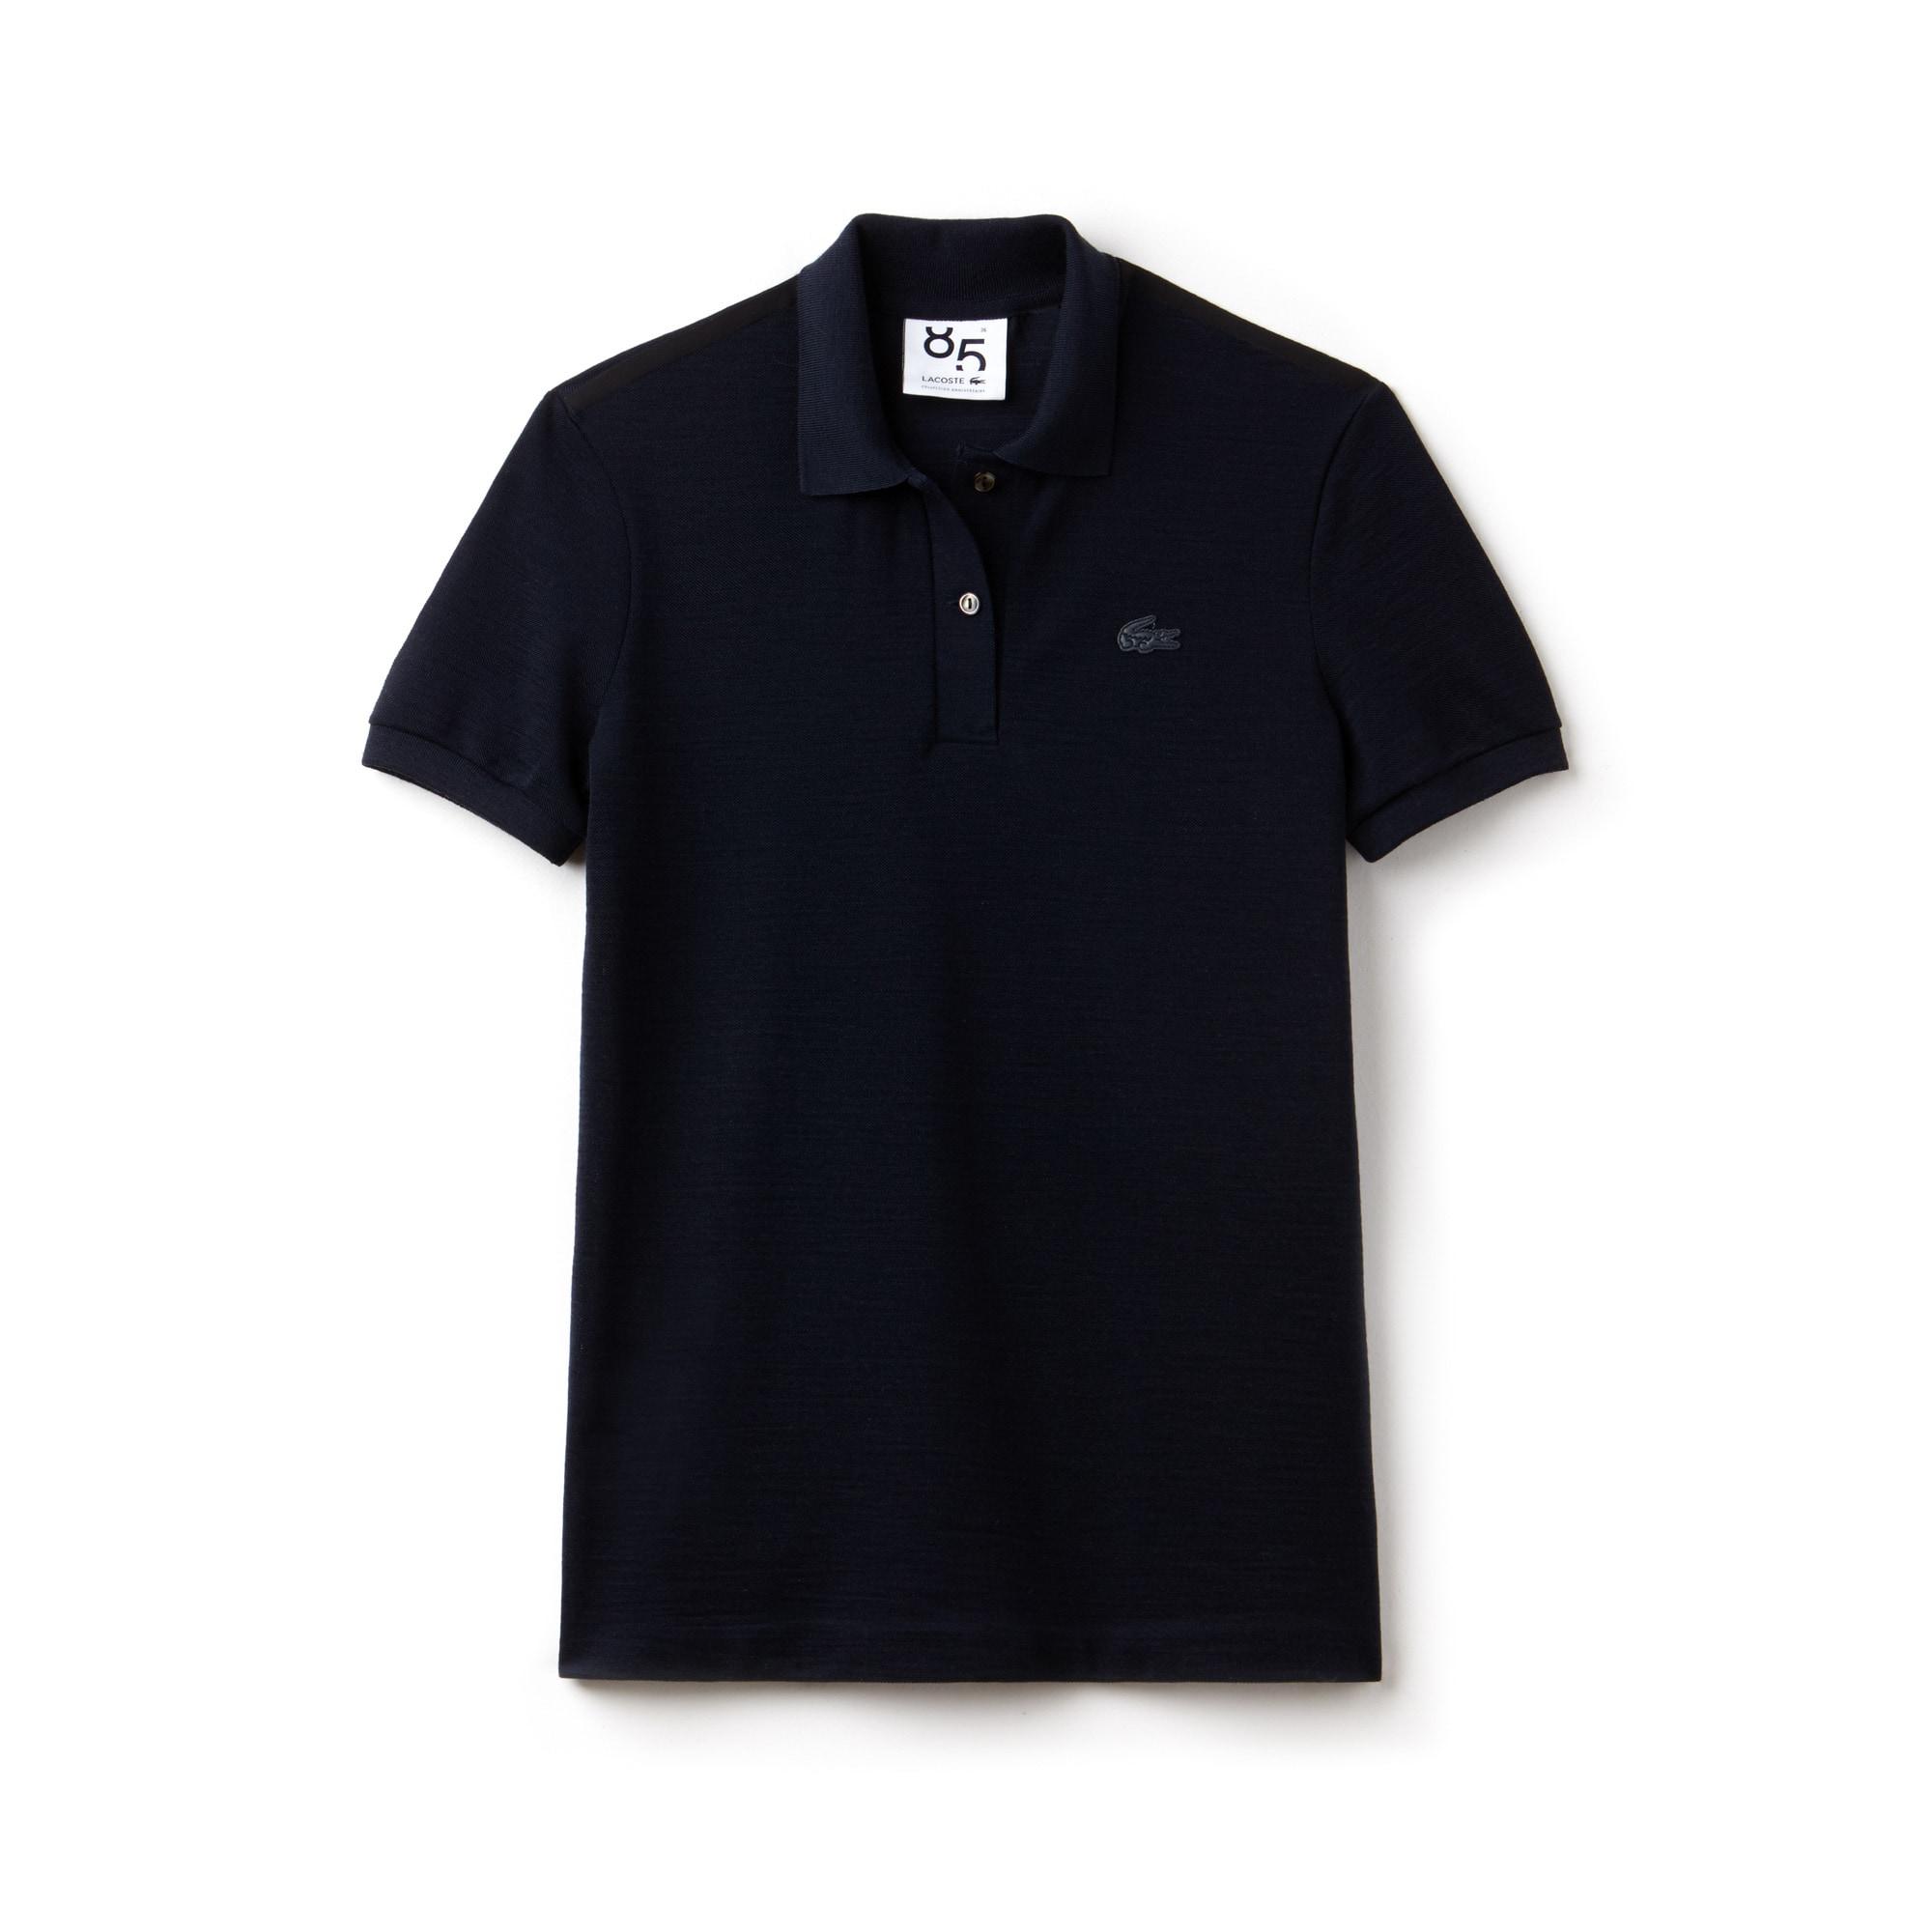 Polo classic fit Lacoste in piqué di lana Edizione limitata 85° anniversario